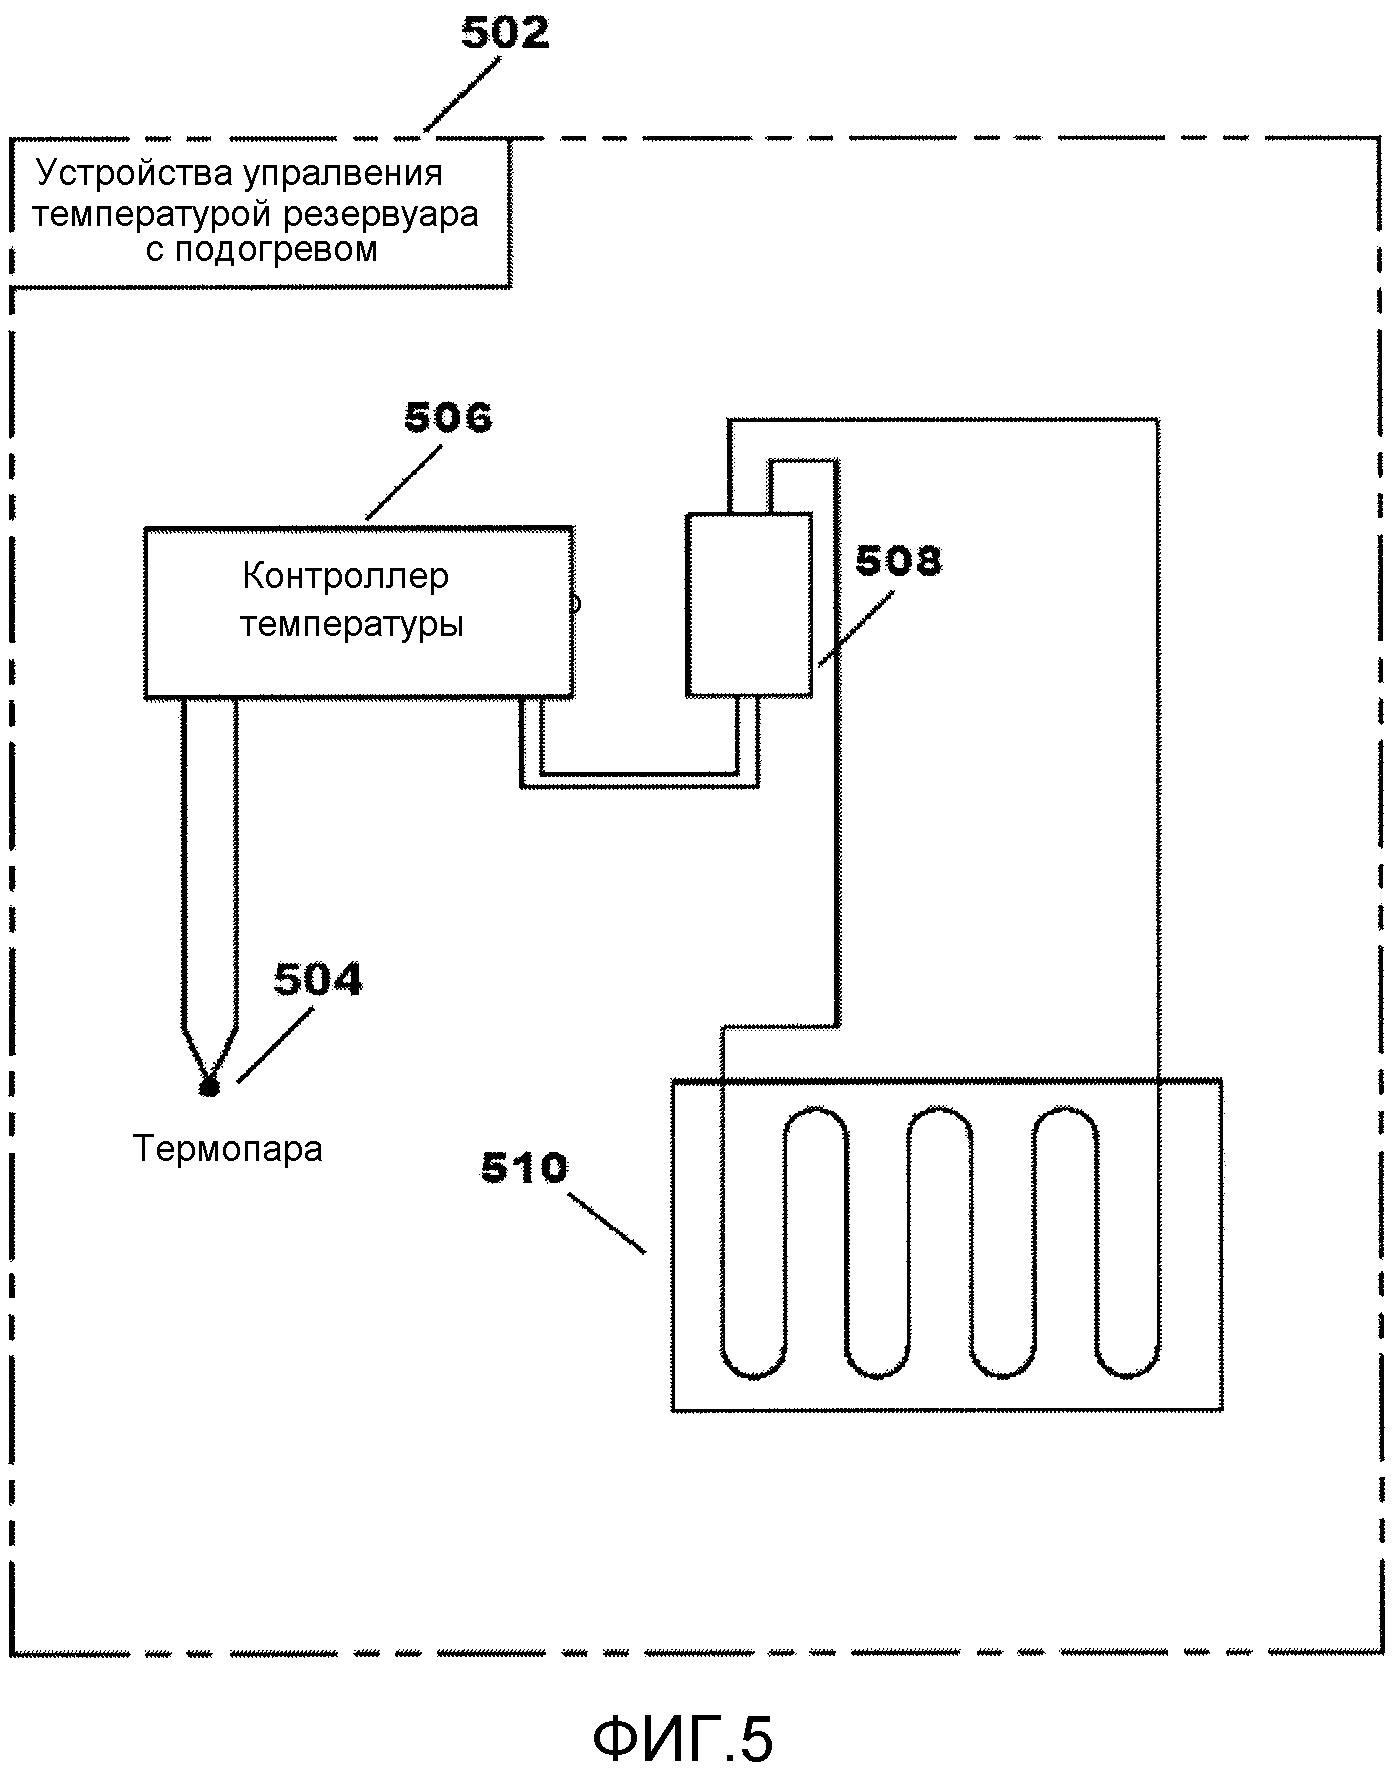 Выдачное устройство для горячих и холодных напитков